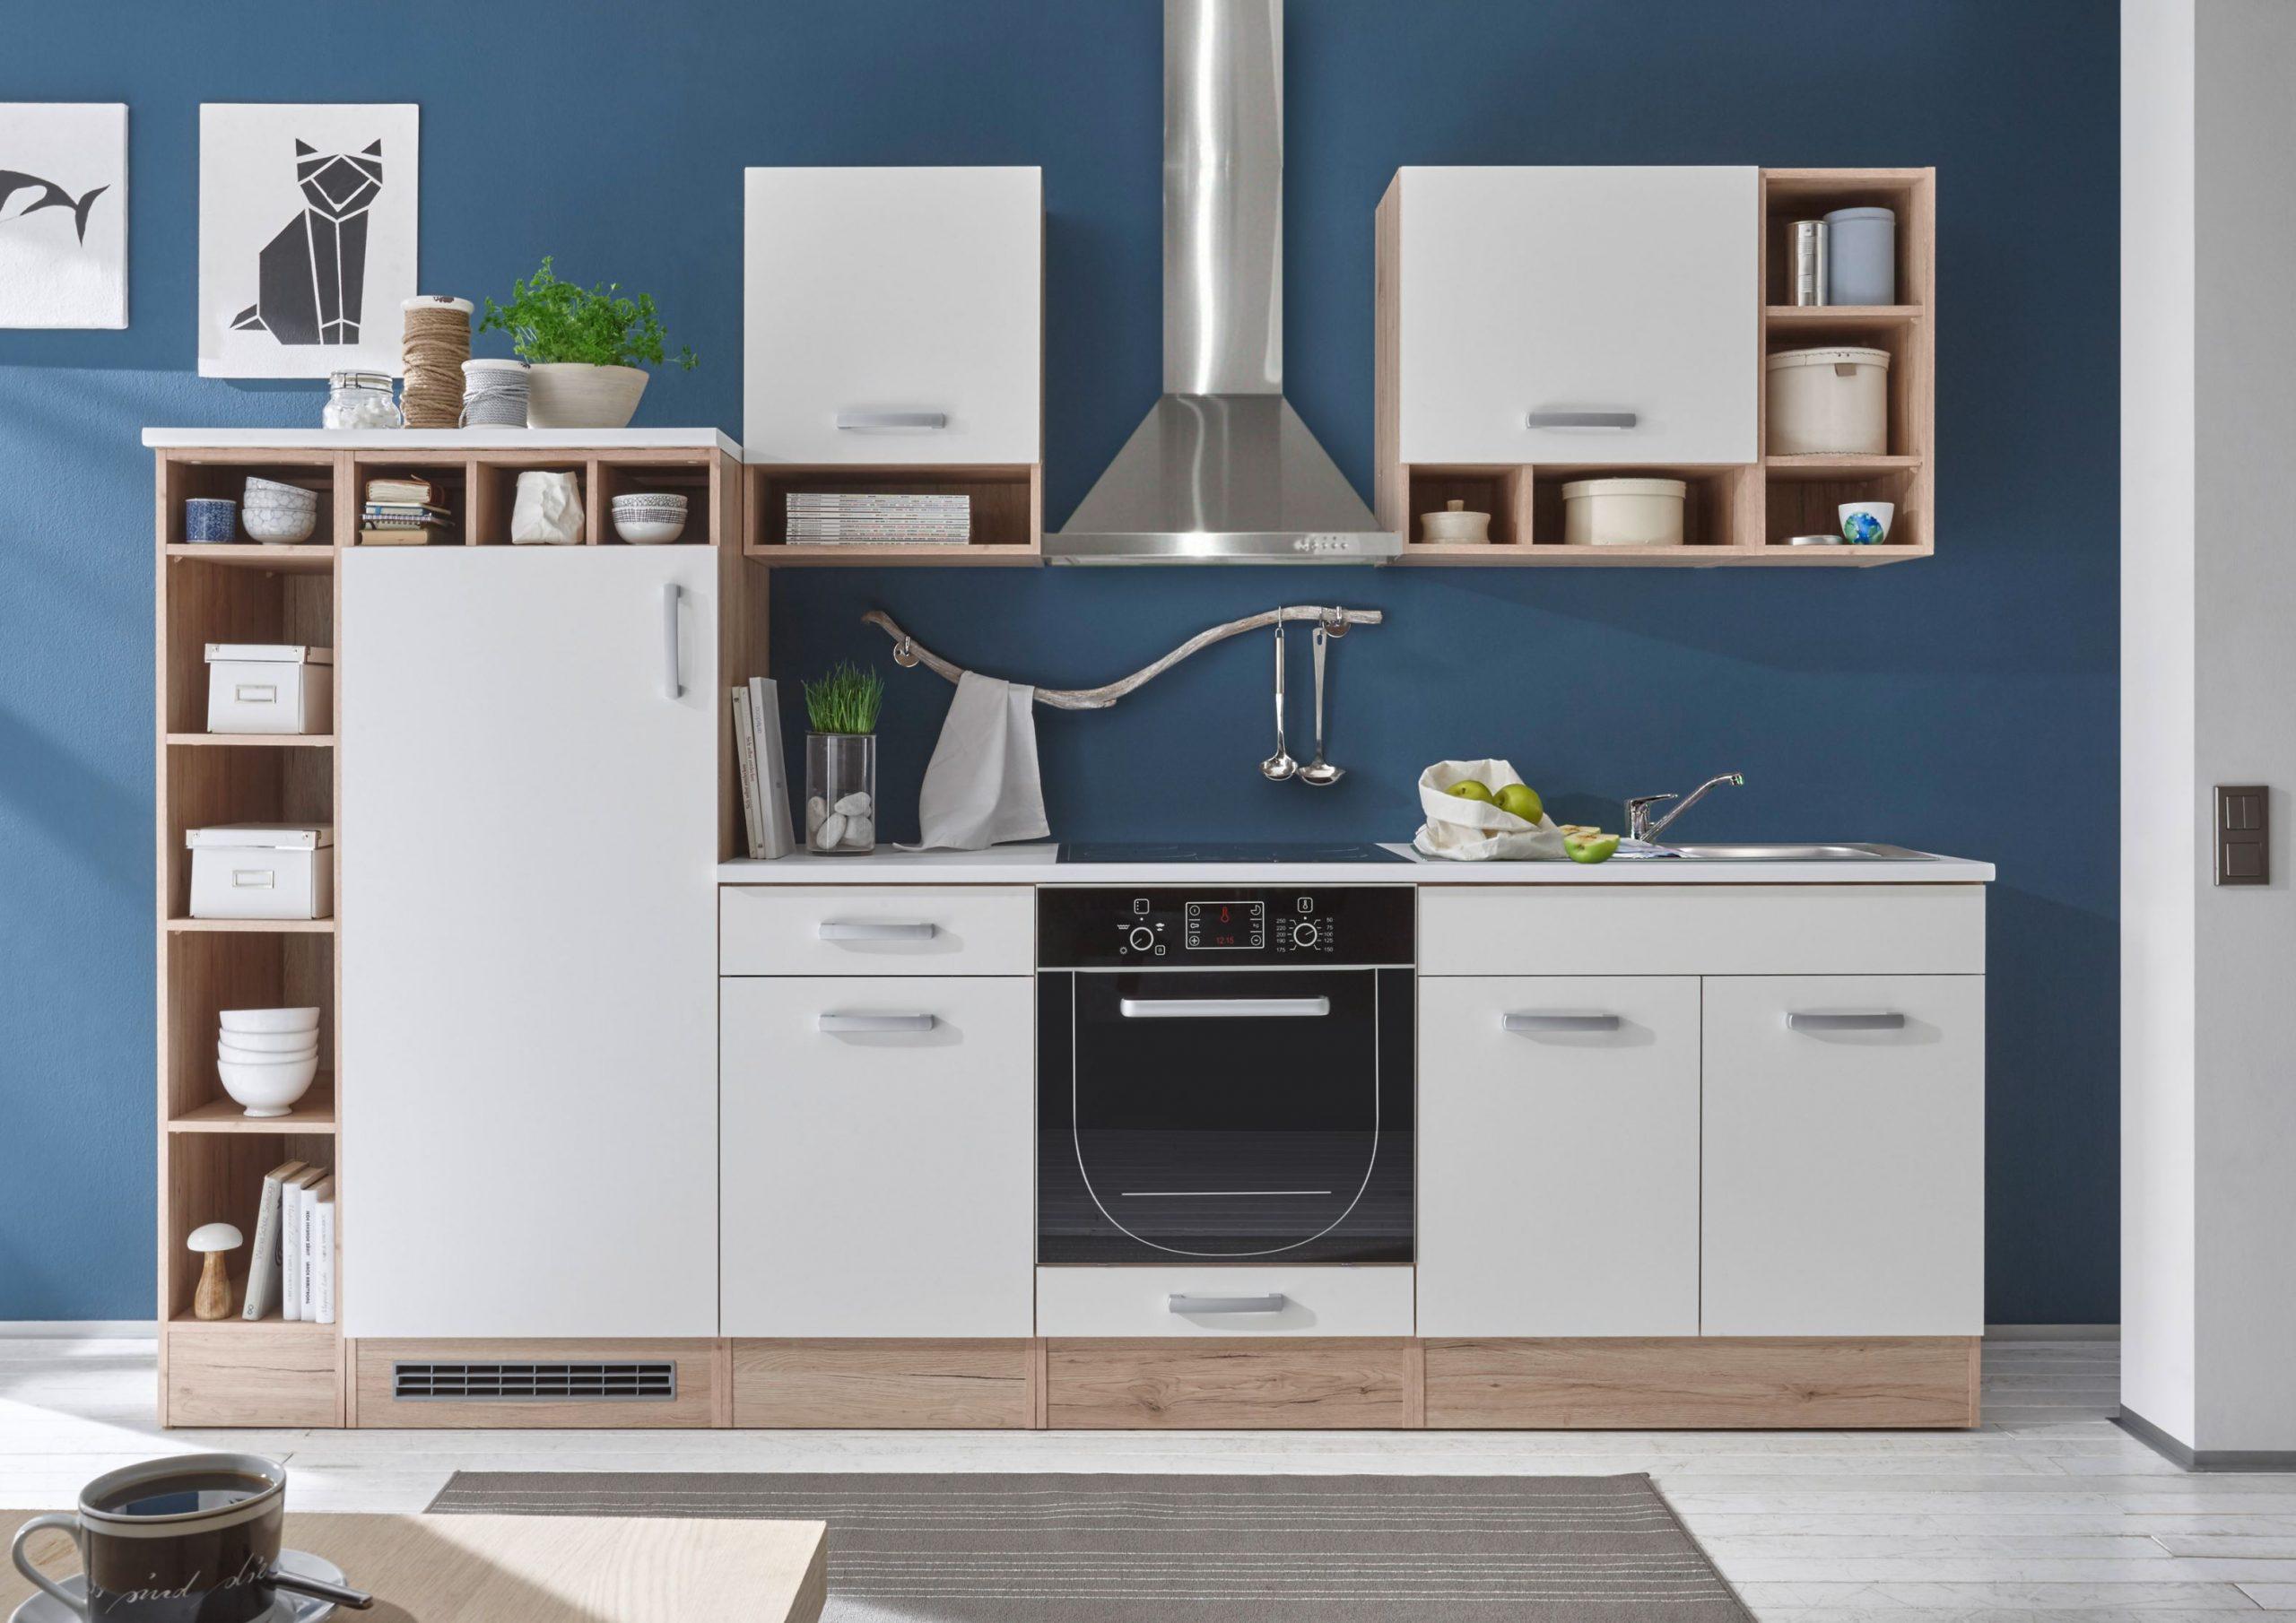 Full Size of Komplettküche Mit Geräten Komplettküche Kaufen Willhaben Komplettküche Roller Komplettküche Küche Komplettküche